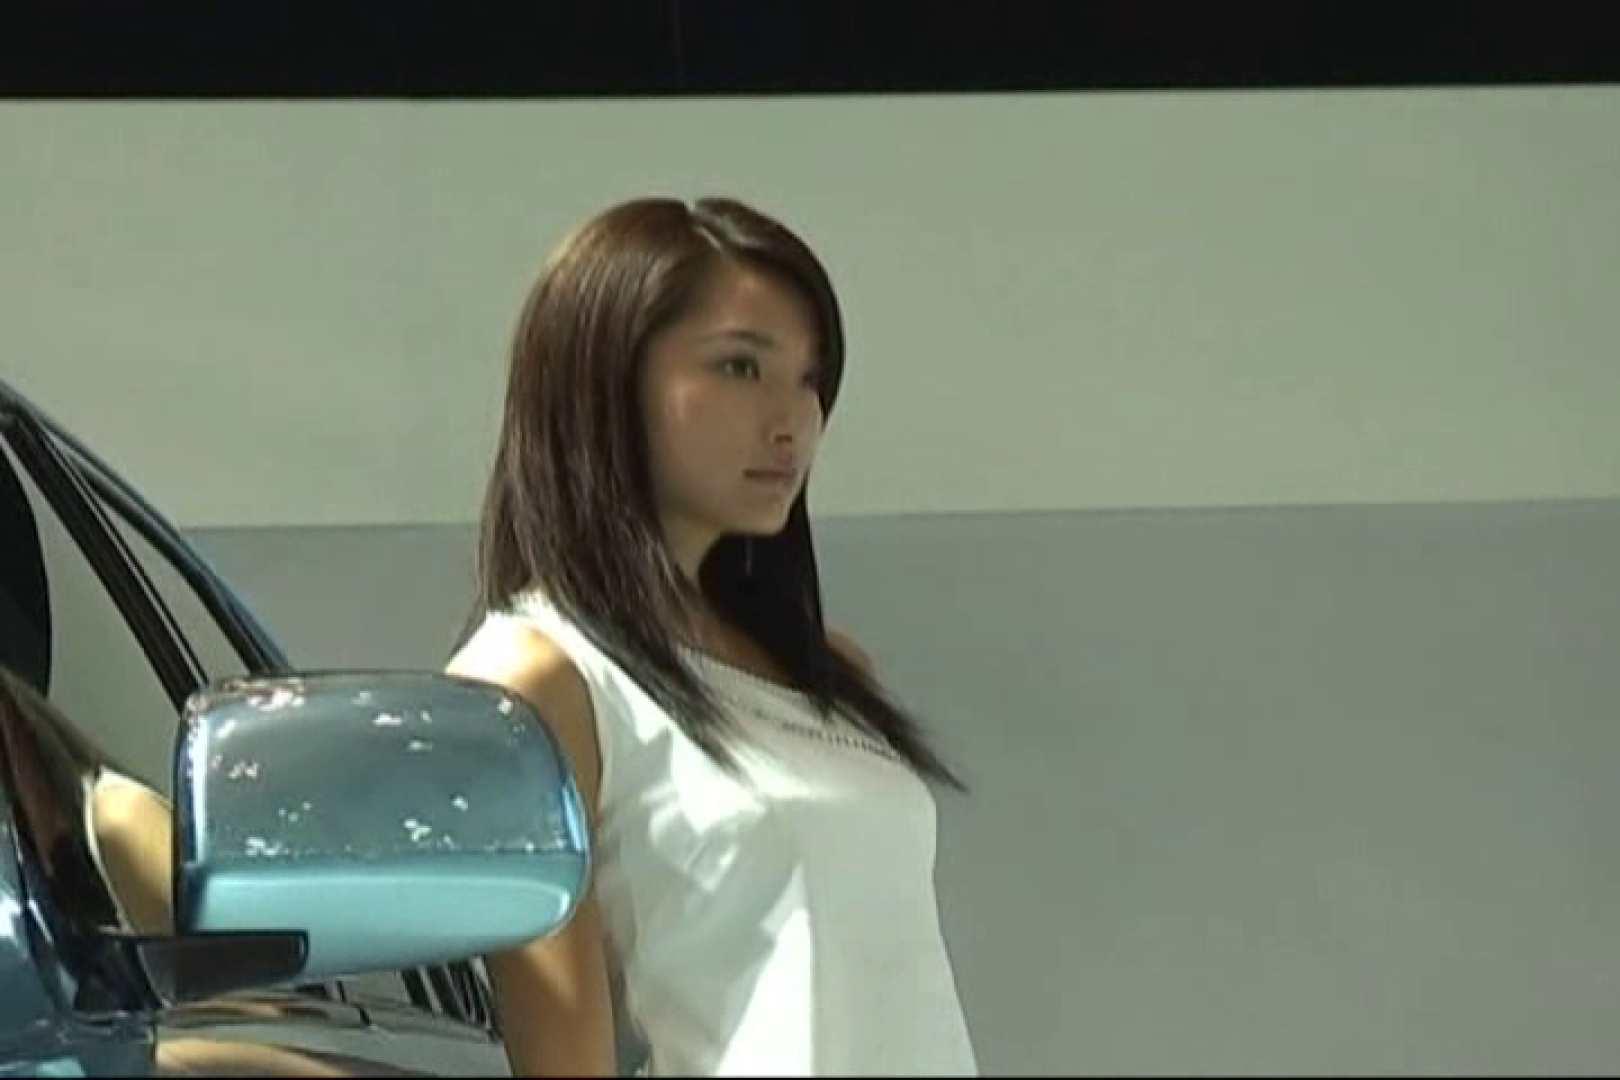 高画質版!SPD-046 ザ・コンパニオン 03'東京モーターショー プライベート | 名作  53画像 37